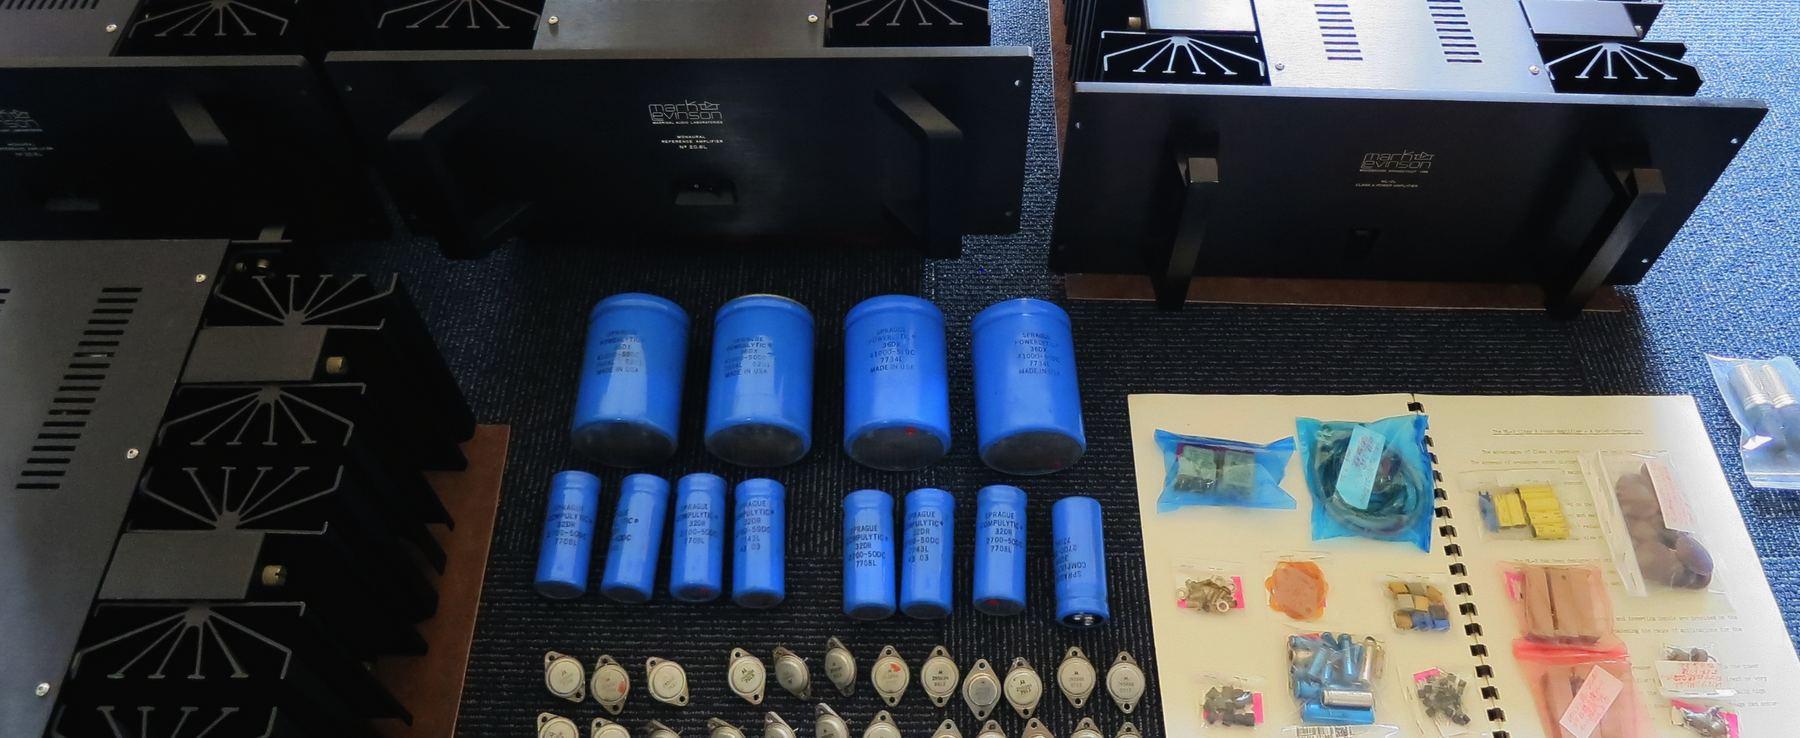 中古ハイエンドオーディオアンプ スピーカー 販売 秋葉原 日本橋 Audio Dripper TOKYO。マークレビンソン修理・整備(アンプ整備)